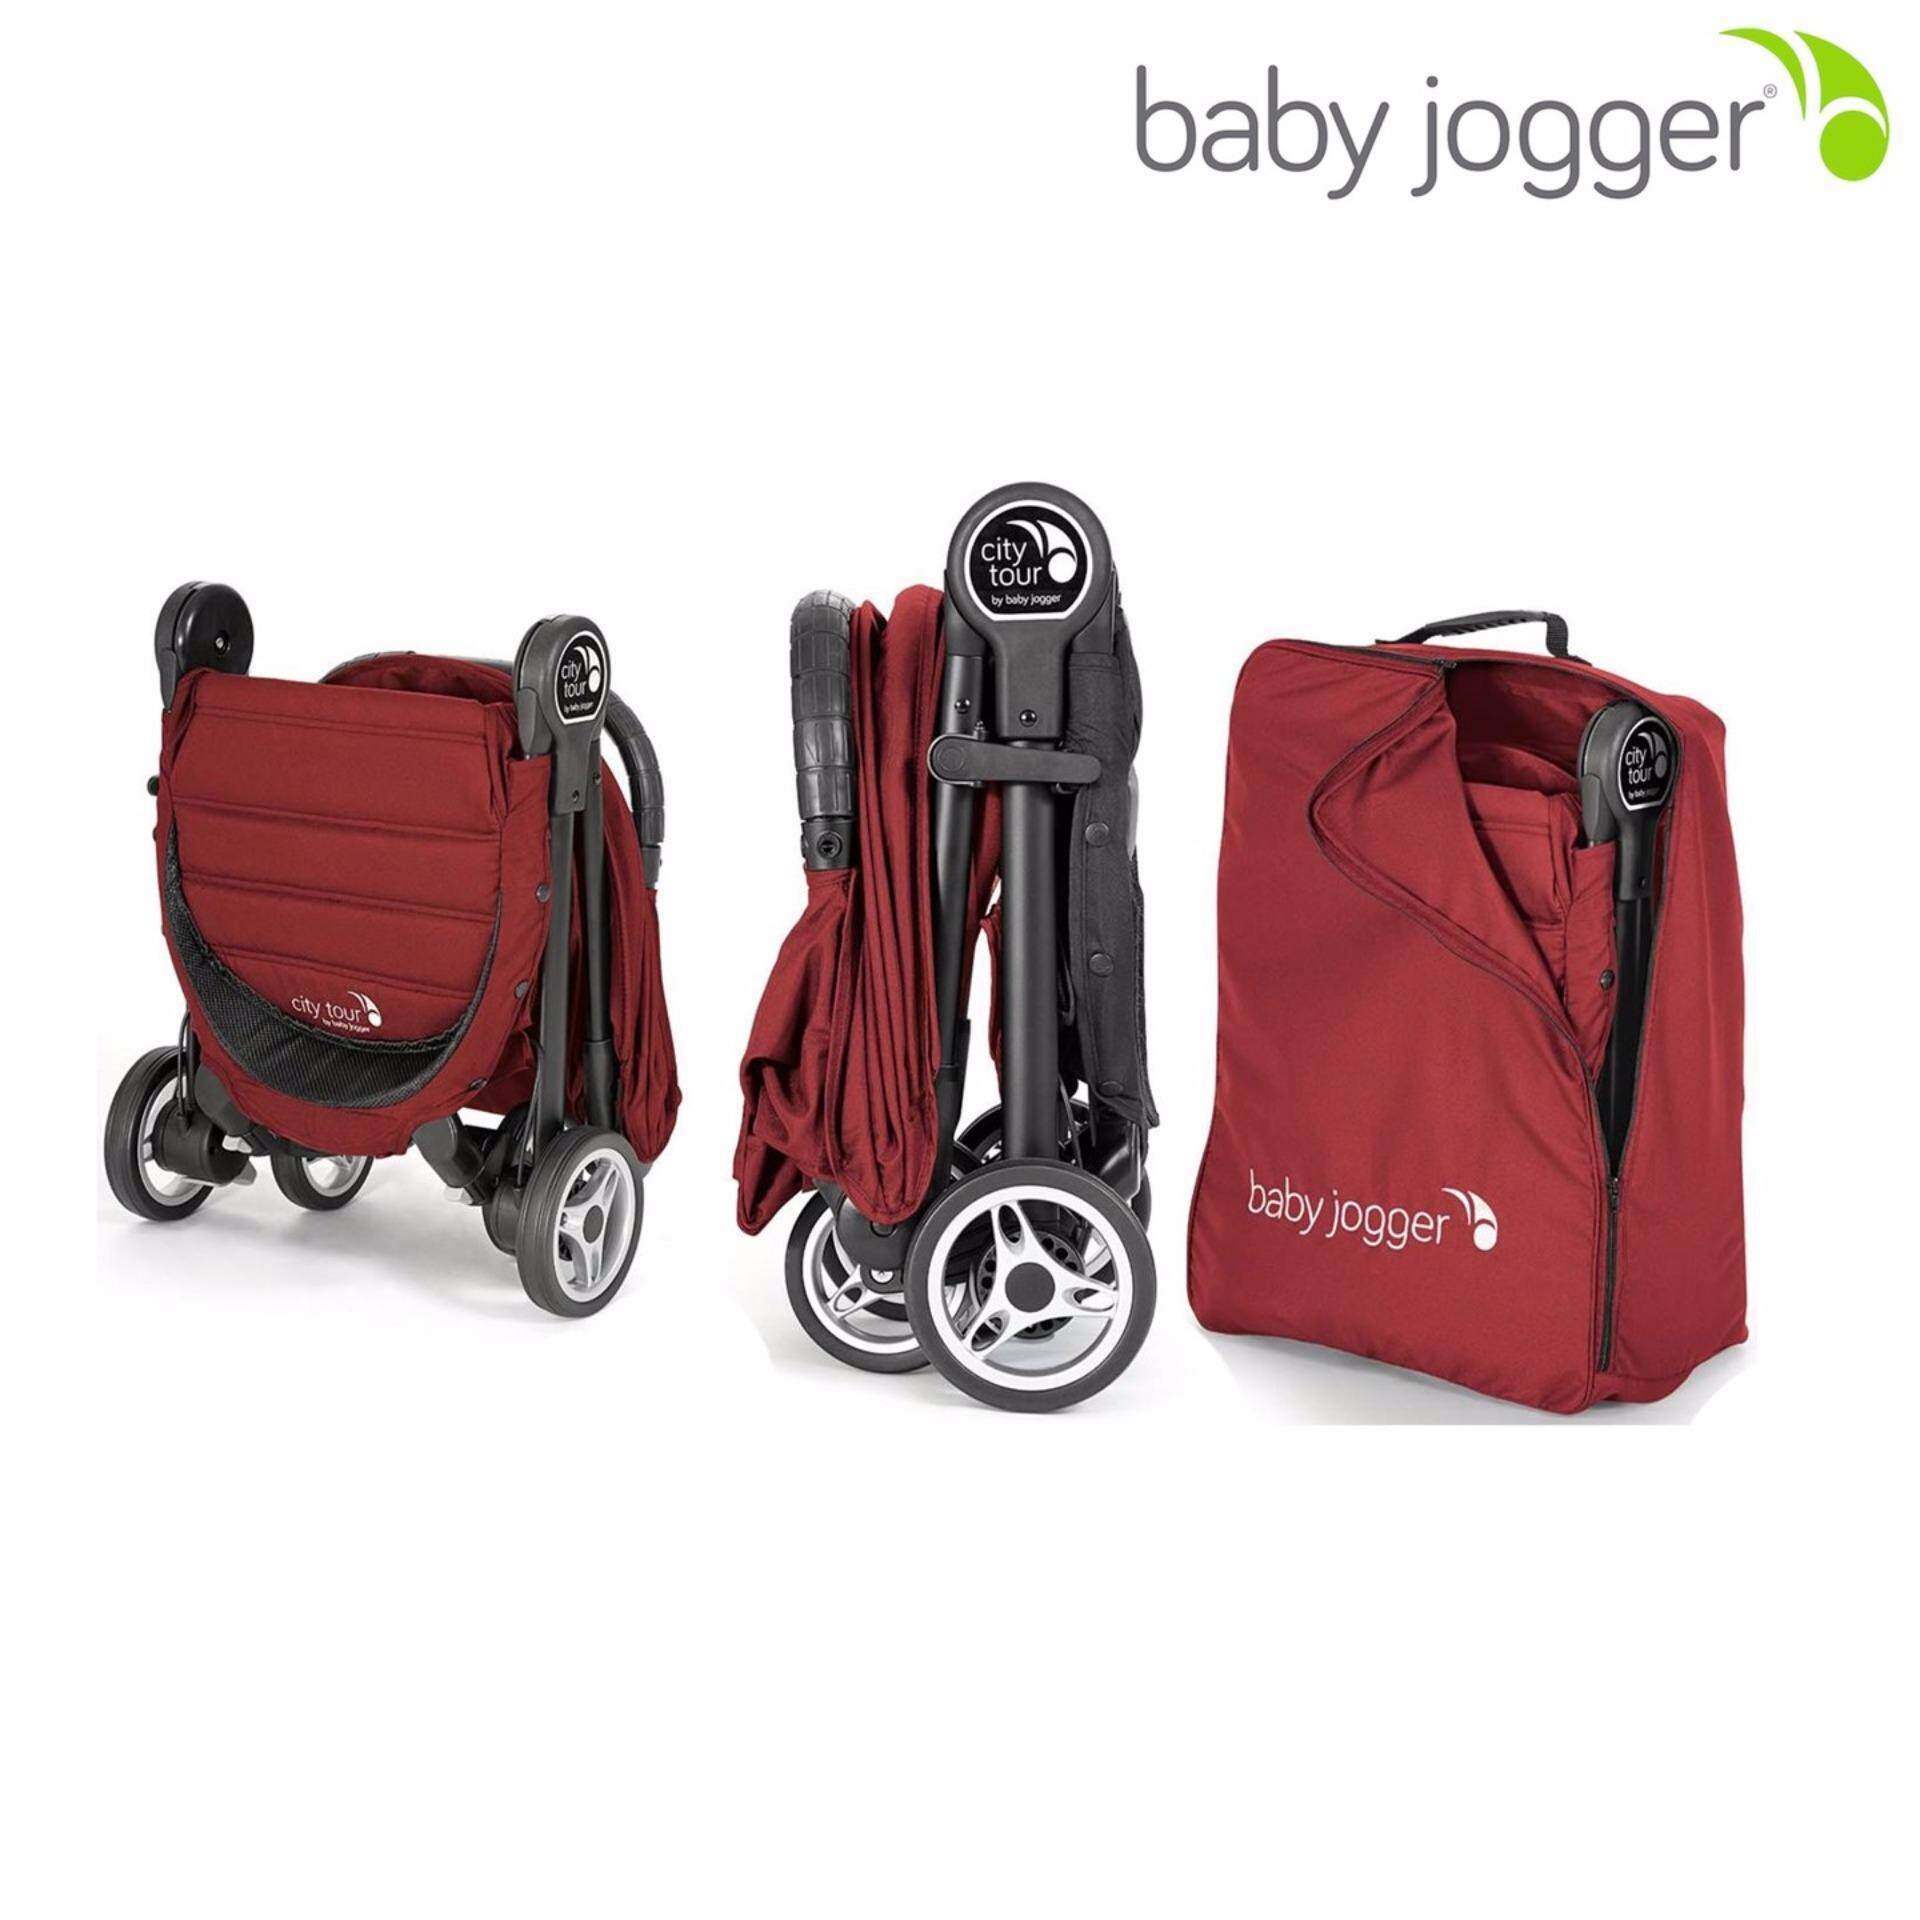 ใครรู้จัก  Baby Jogger รถเข็นเด็ก BABY JOGGER CITY TOUR STROLLER - GARNET เว็บไหนถูกสุด